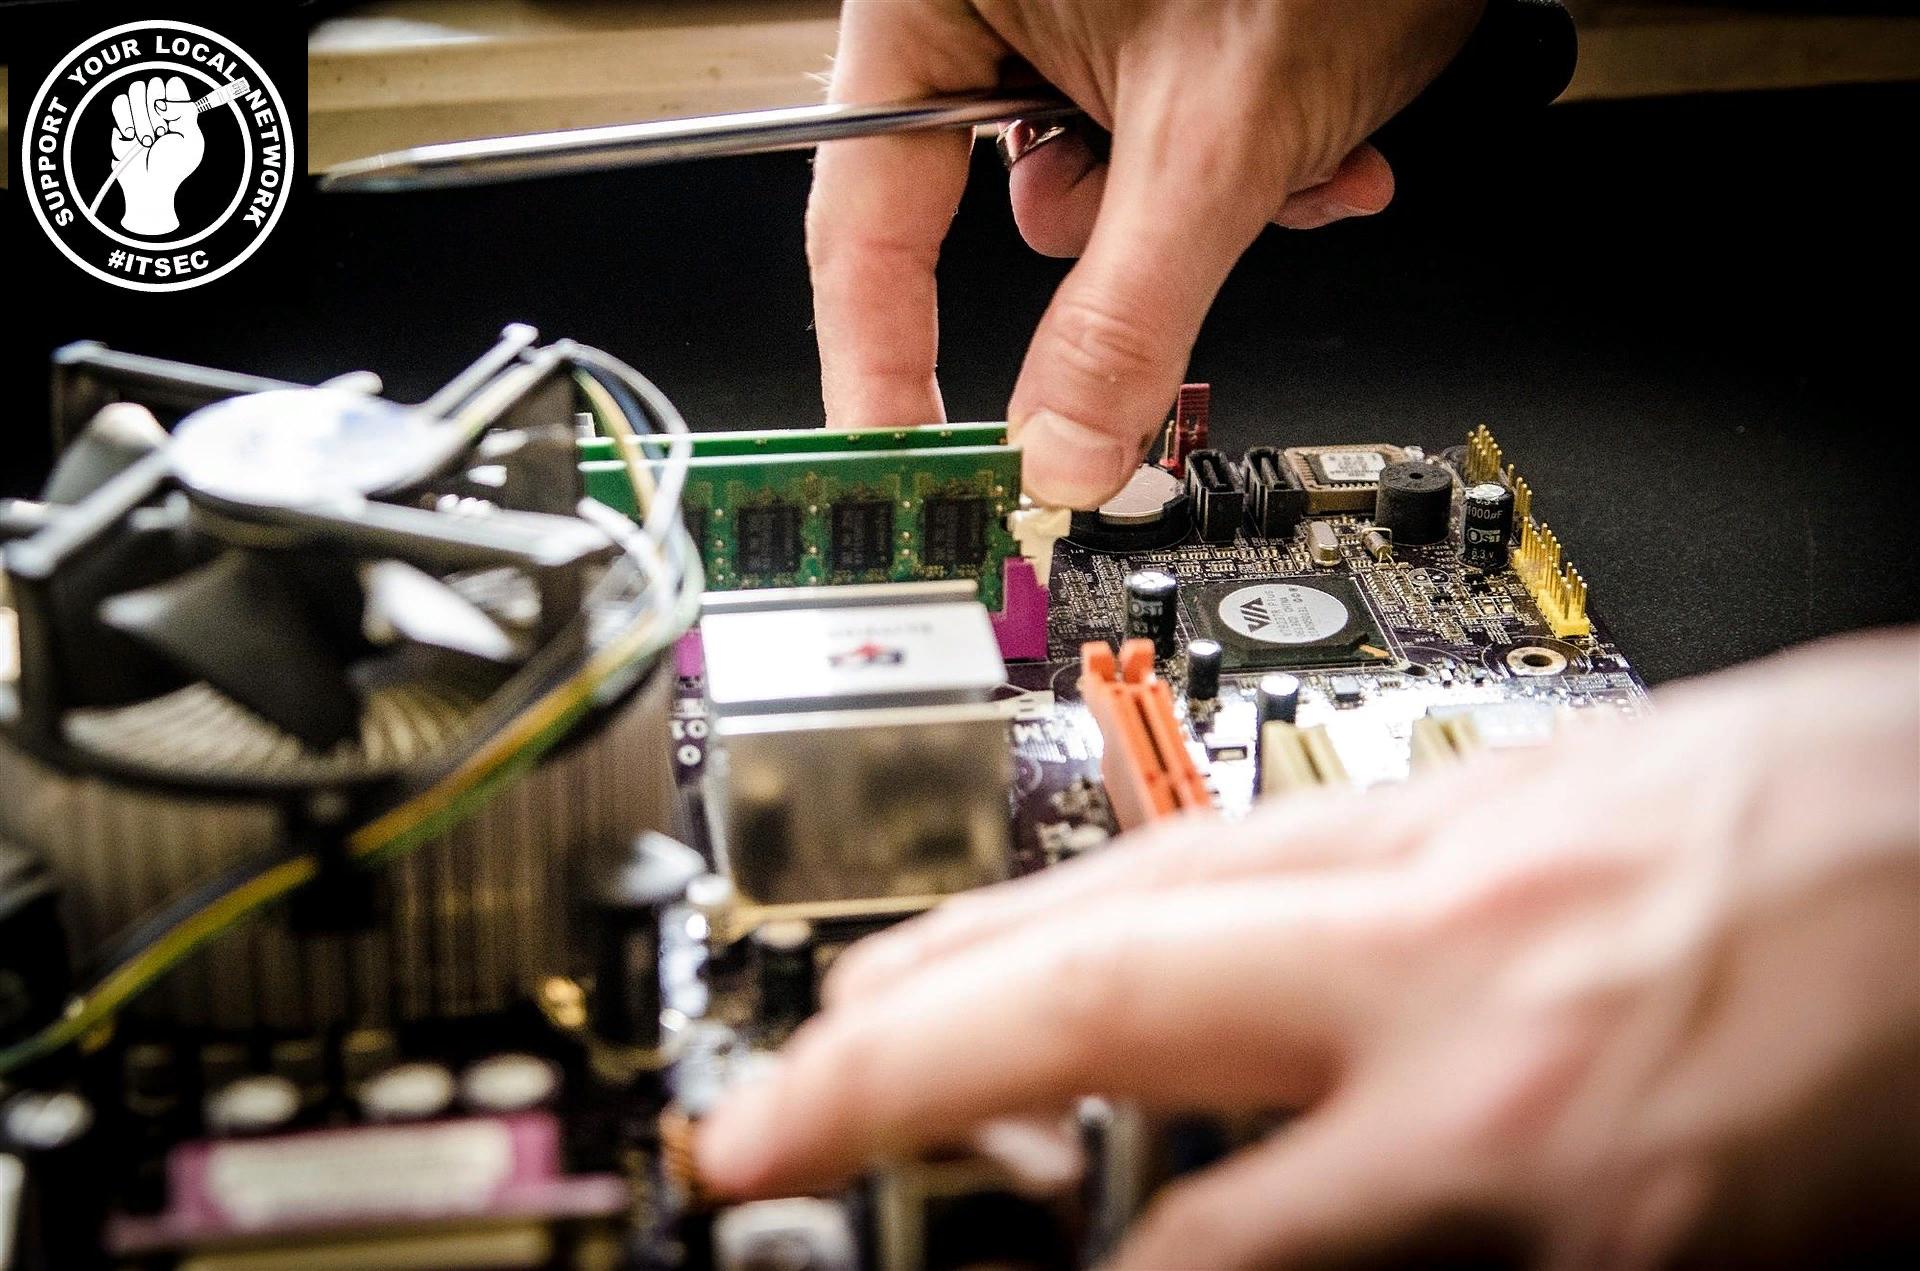 ☠️ Не следуйте этим 9 советам, ваш компьютер в опасности!